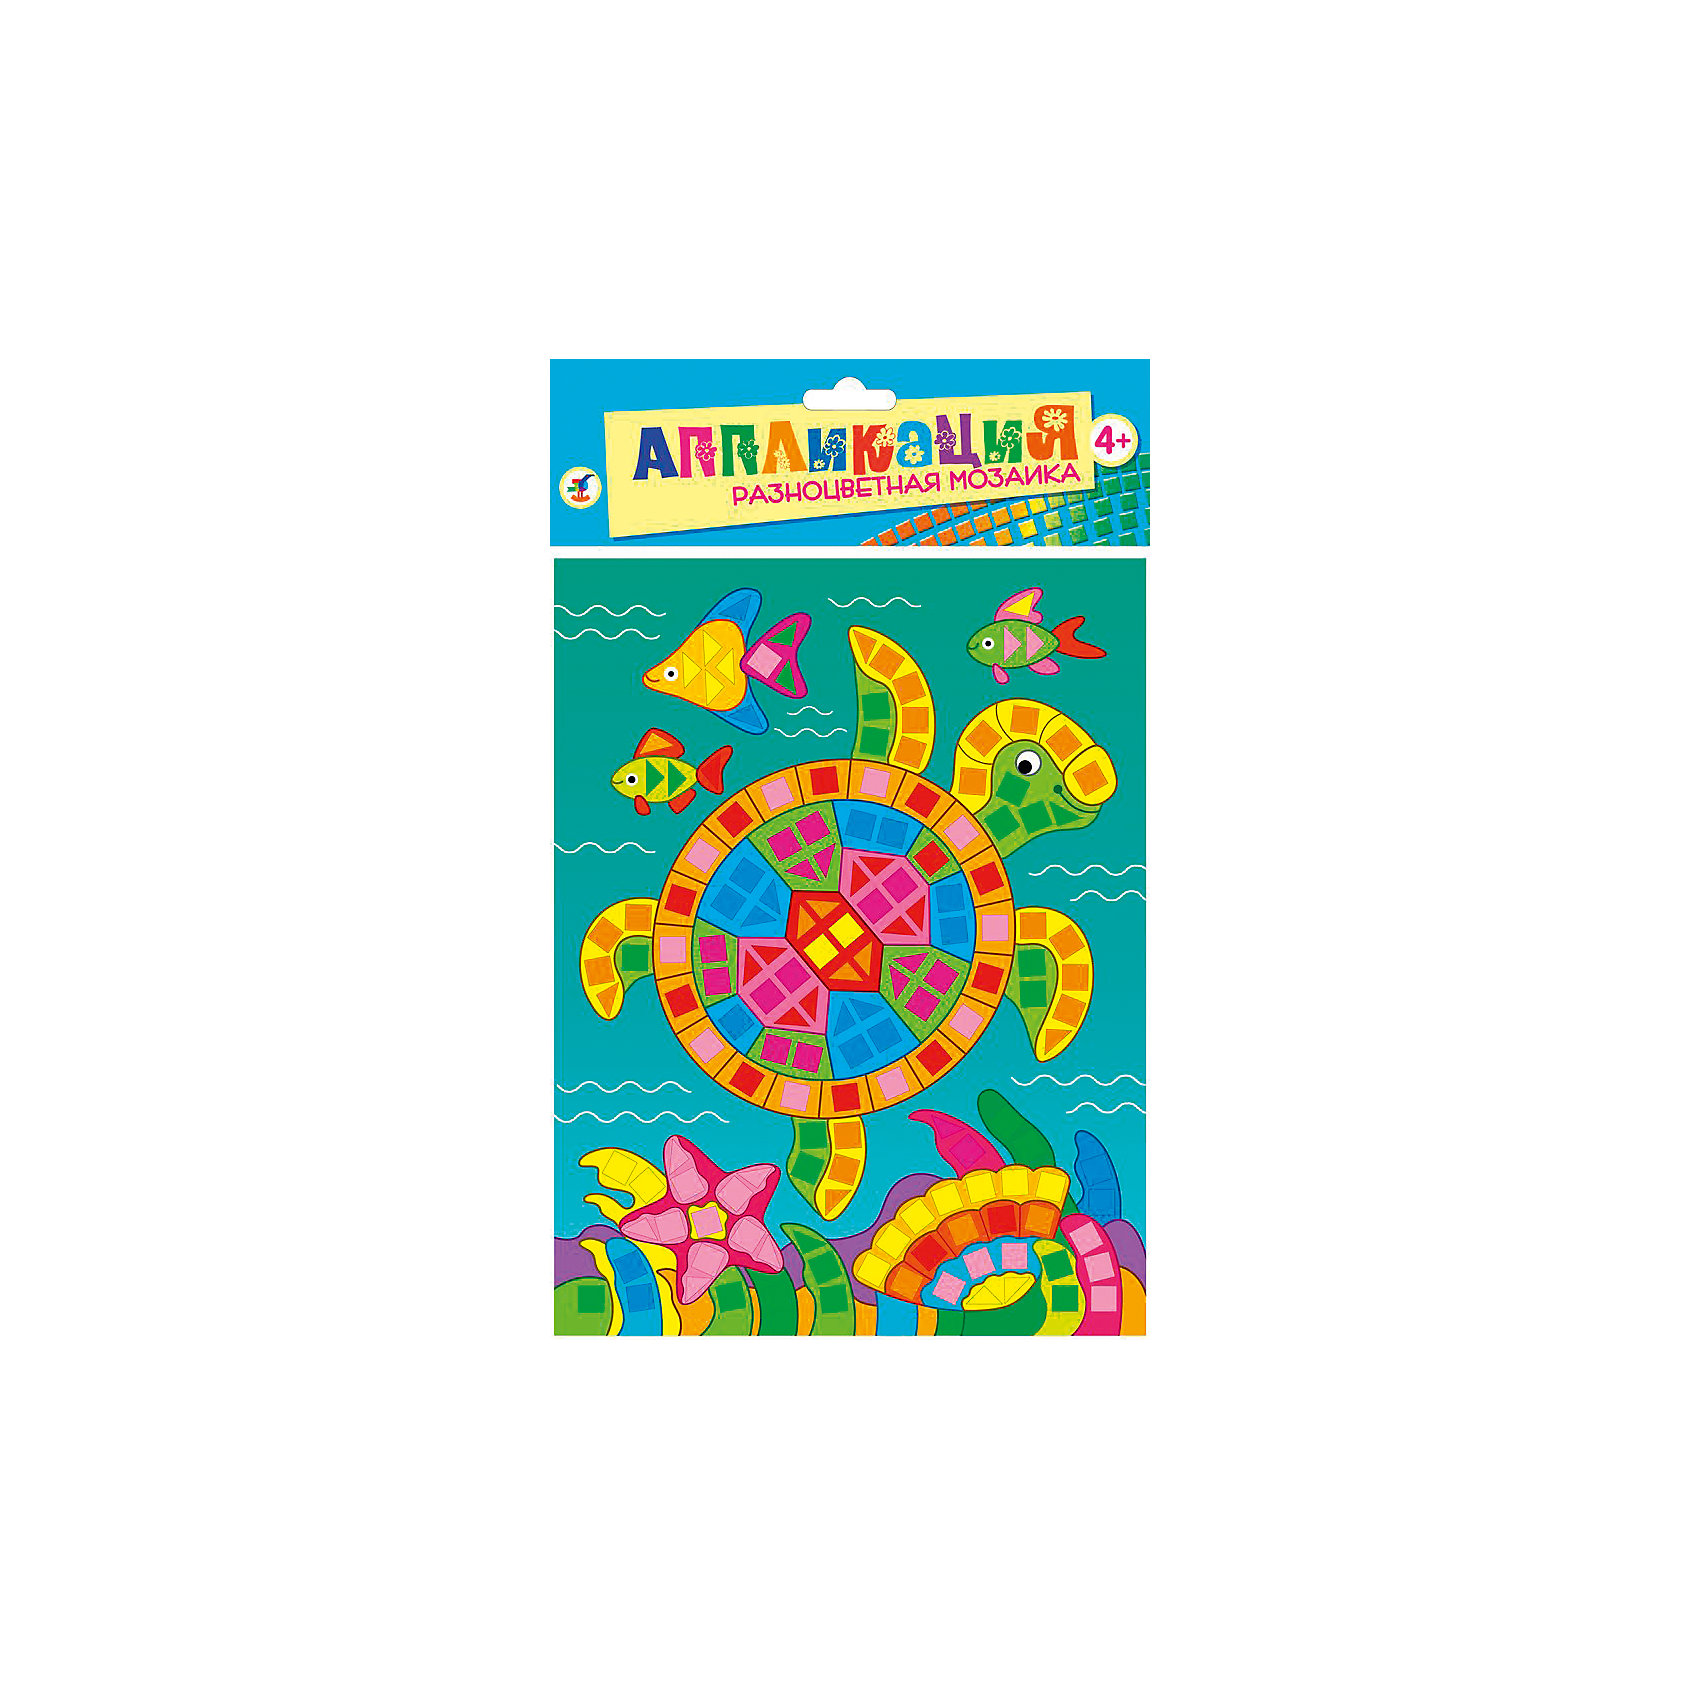 Разноцветная мозаика мини Морская черепахаРазноцветная мозаика Морская черепаха - увлекательный набор для детского творчества, который поможет Вашему ребенку без ножниц и клея сделать красивую картинку. Техника выполнения мозаики проста и не представляет сложностей: на картинку-основу уже нанесен рисунок со схемой размещения квадратиков, нужно лишь снять защитную пленку с деталей и аккуратно вклеить их согласно образцу. Разноцветные детали-квадратики выполнены из мягкого, приятного на ощупь материала ЭВА.. Все элементы имеют самоклеющуюся основу, легко приклеиваются и прочно держатся. Итогом работы станет красочная мозаика с изображением разноцветной морской черепашки. Работа с мозаикой развивает у ребенка цветовое восприятие, образно-логическое мышление и пространственное воображение, тренирует мелкую моторику.<br><br>Дополнительная информация:<br><br>- В комплекте: основа с рисунком и схемой размещения квадратиков, самоклеящиеся квадратики из мягкого пластика 8 цветов.<br>- Материал: картон, мягкий пластик ЭВА.<br>- Размер упаковки: 20 х 15 x 0,5 см.<br>- Вес: 38 гр.<br><br>Разноцветную мозаику мини Морская черепаха, Дрофа Медиа, можно купить в нашем интернет-магазине.<br><br>Ширина мм: 160<br>Глубина мм: 205<br>Высота мм: 7<br>Вес г: 85<br>Возраст от месяцев: 48<br>Возраст до месяцев: 2147483647<br>Пол: Унисекс<br>Возраст: Детский<br>SKU: 4561874